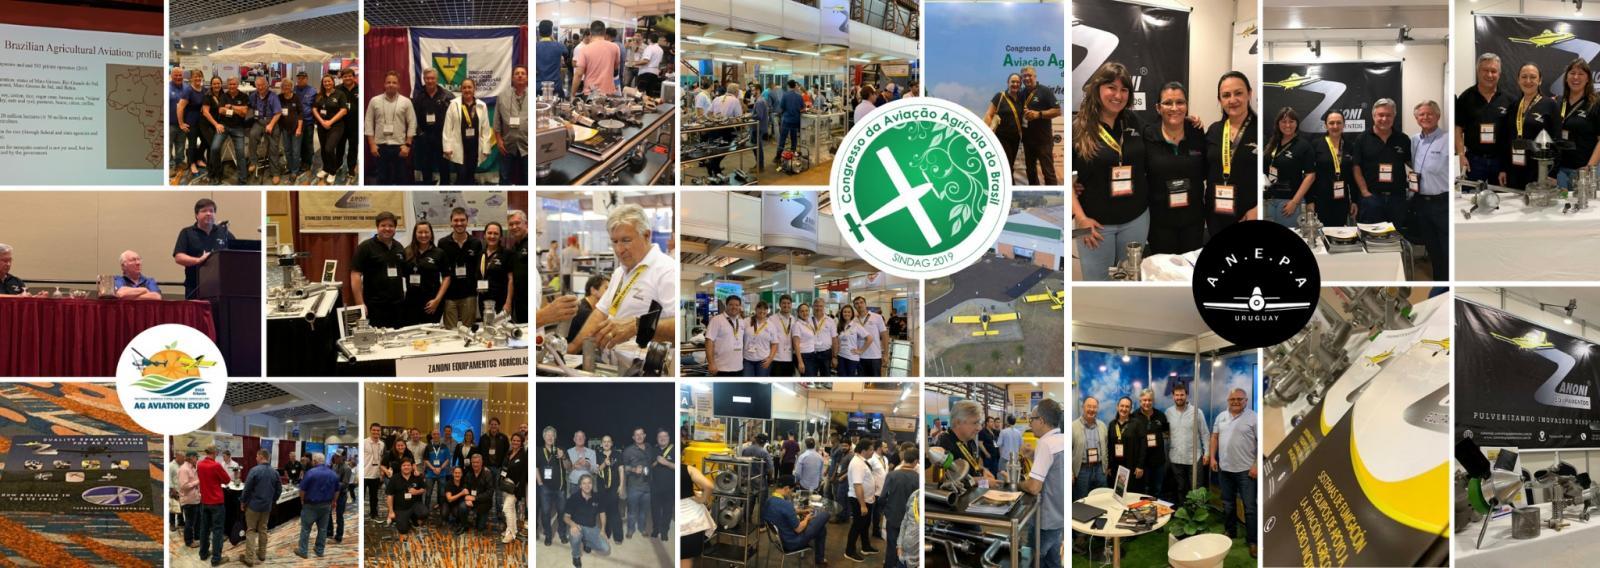 Congressos da aviação agrícola em 2019